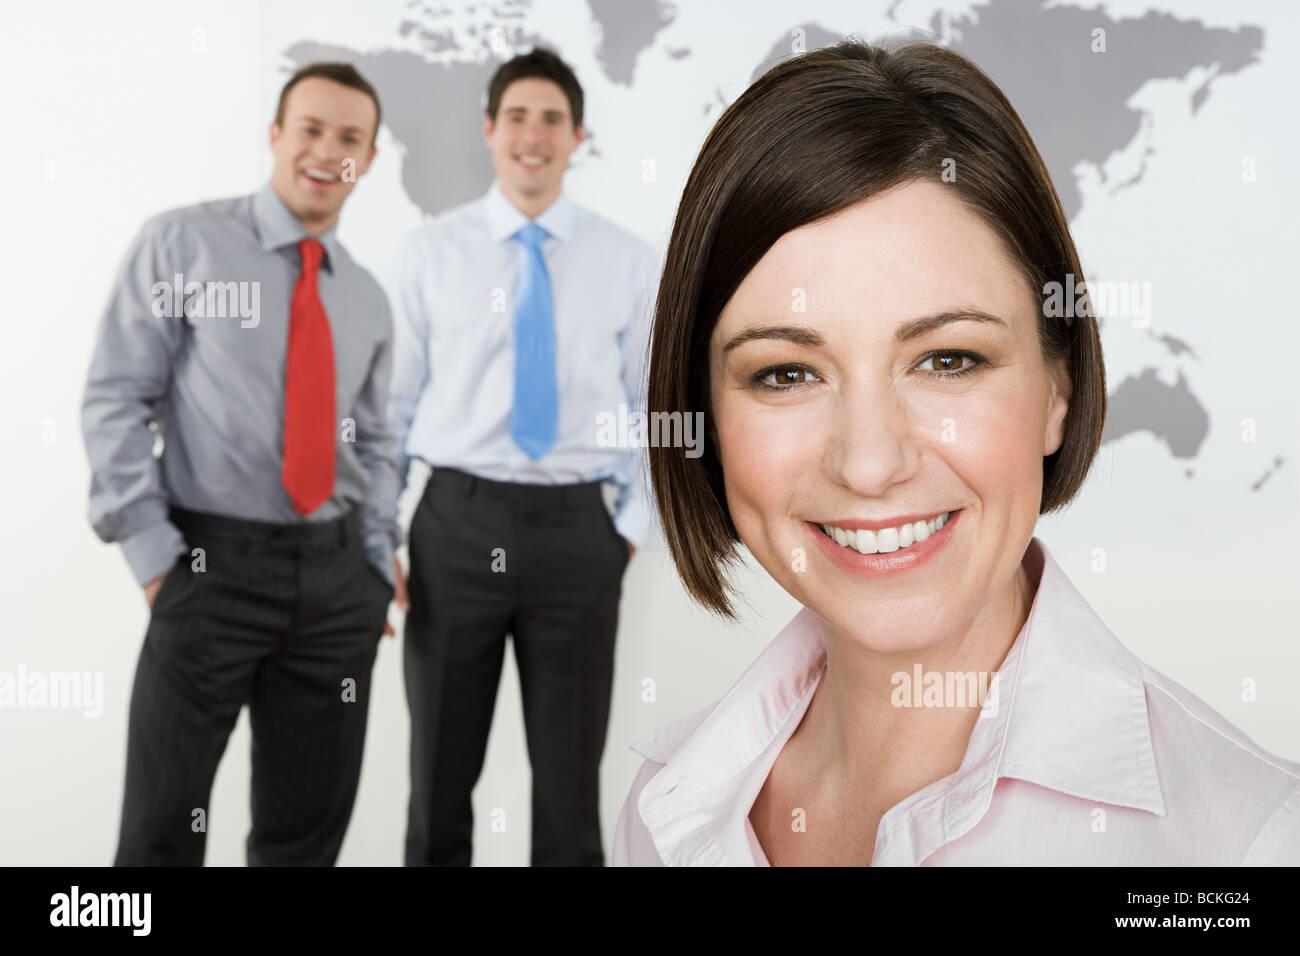 Femme d'affaires et commerçants Photo Stock